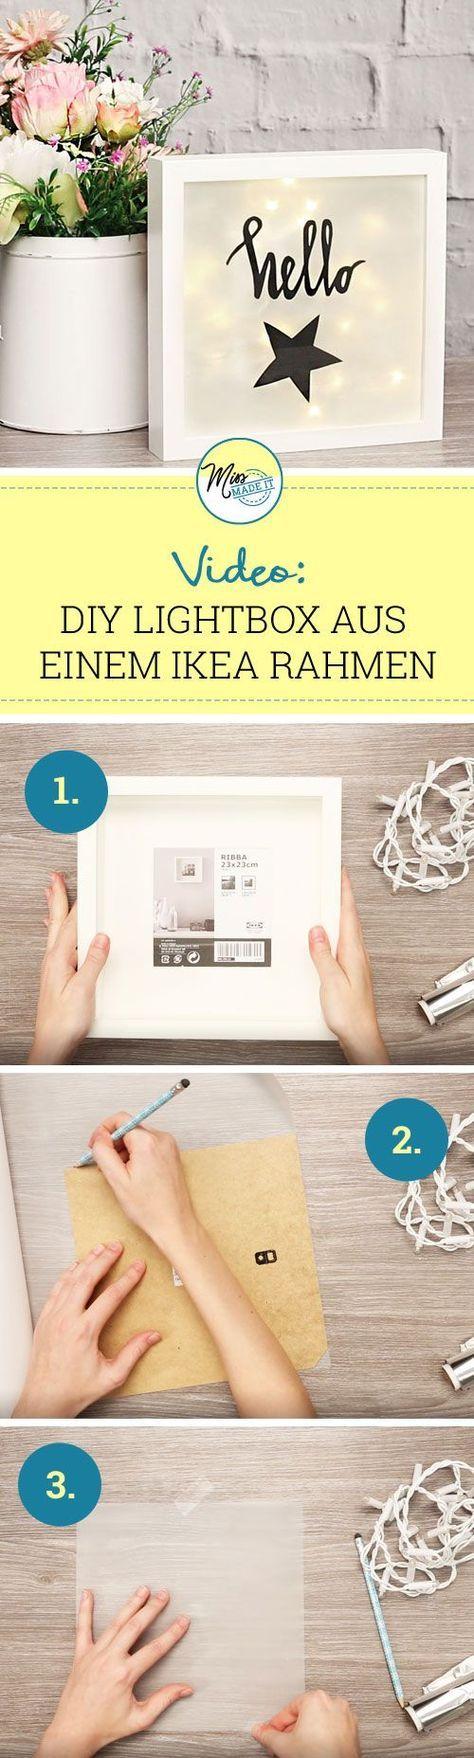 Wir zeigen dir, wie du aus einem IKEA RIBBA Bilderrahmen eine coole Light Box basteln kannst